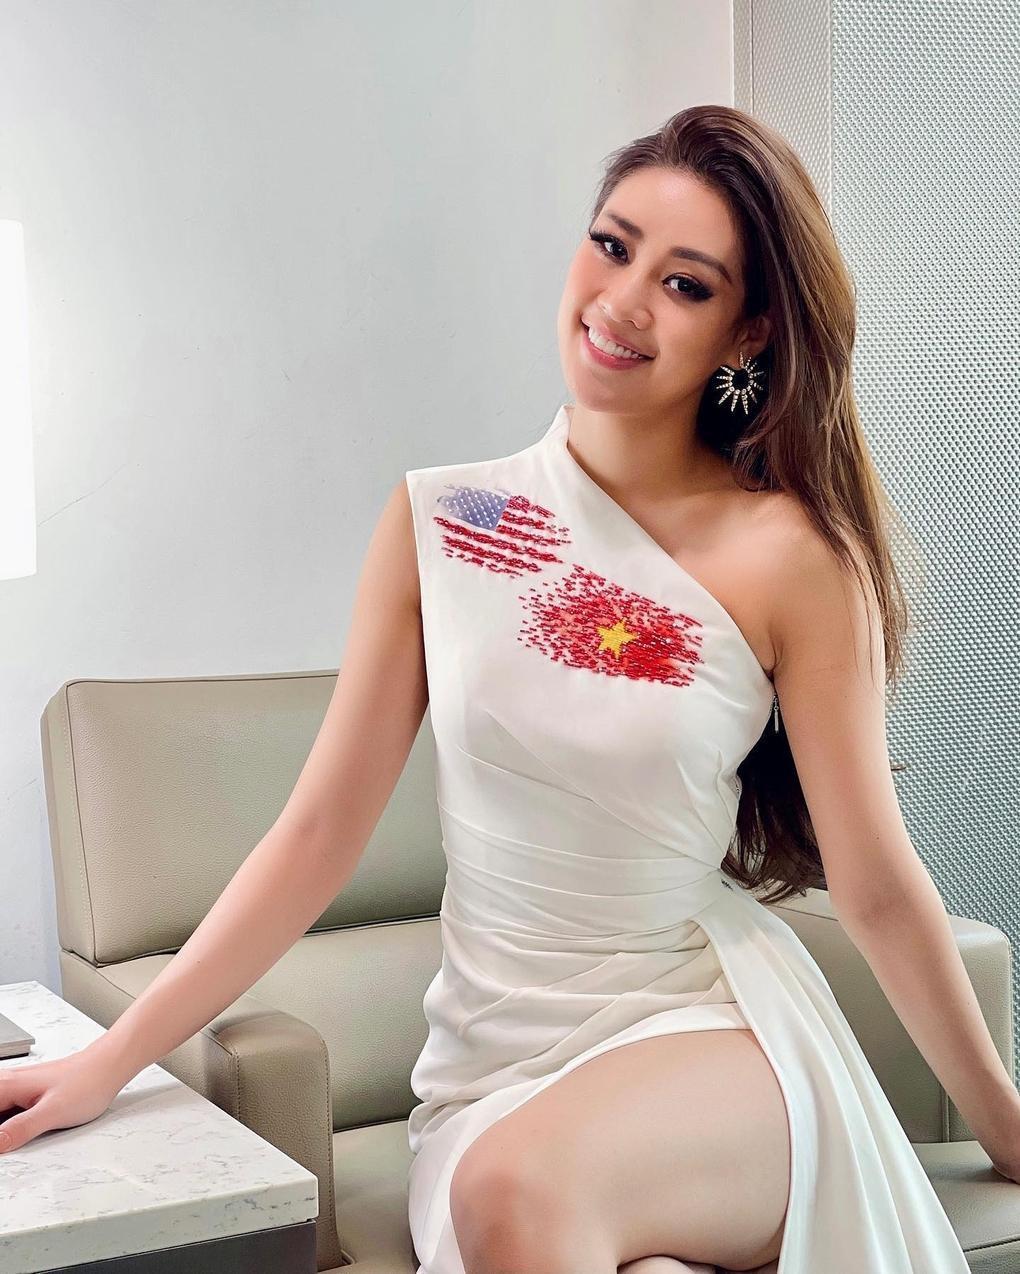 Thật khó tin Hoa hậu Khánh Vân tự trang điểm làm tóc mà lại xinh đẹp xuất sắc như thế này Ảnh 6